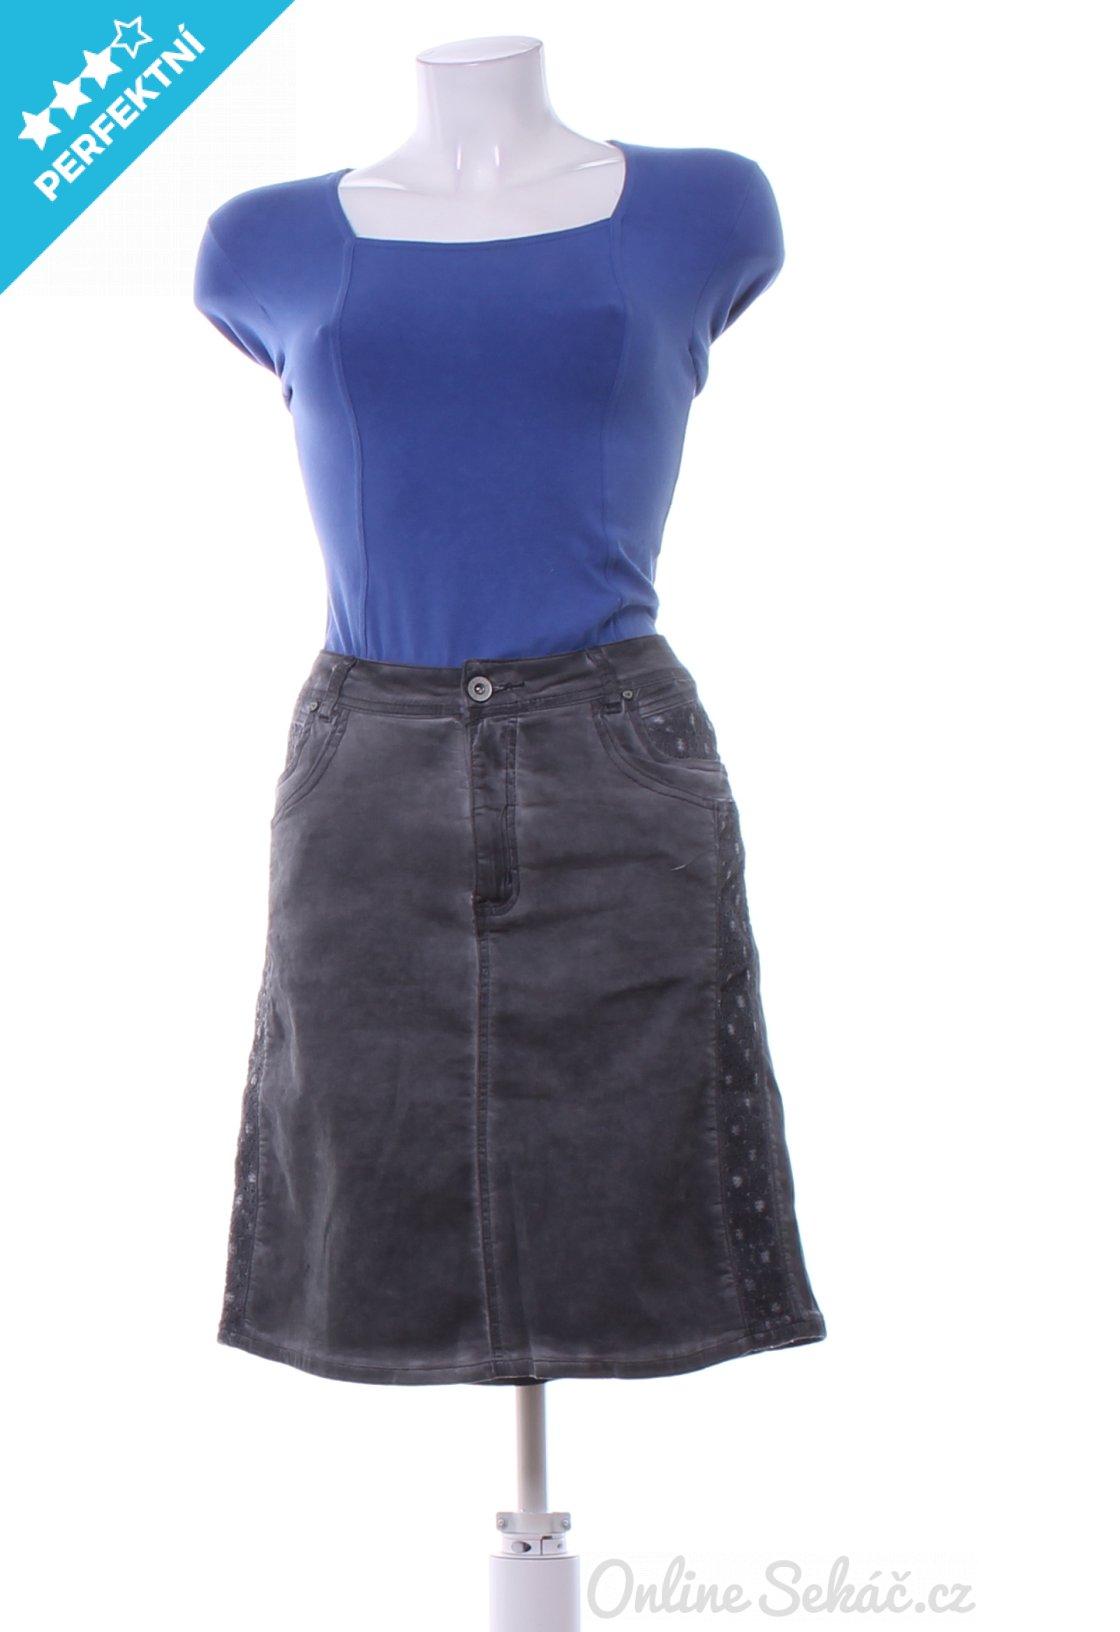 Dámská sukně ke kolenům CELLBES XL c7d560235c1